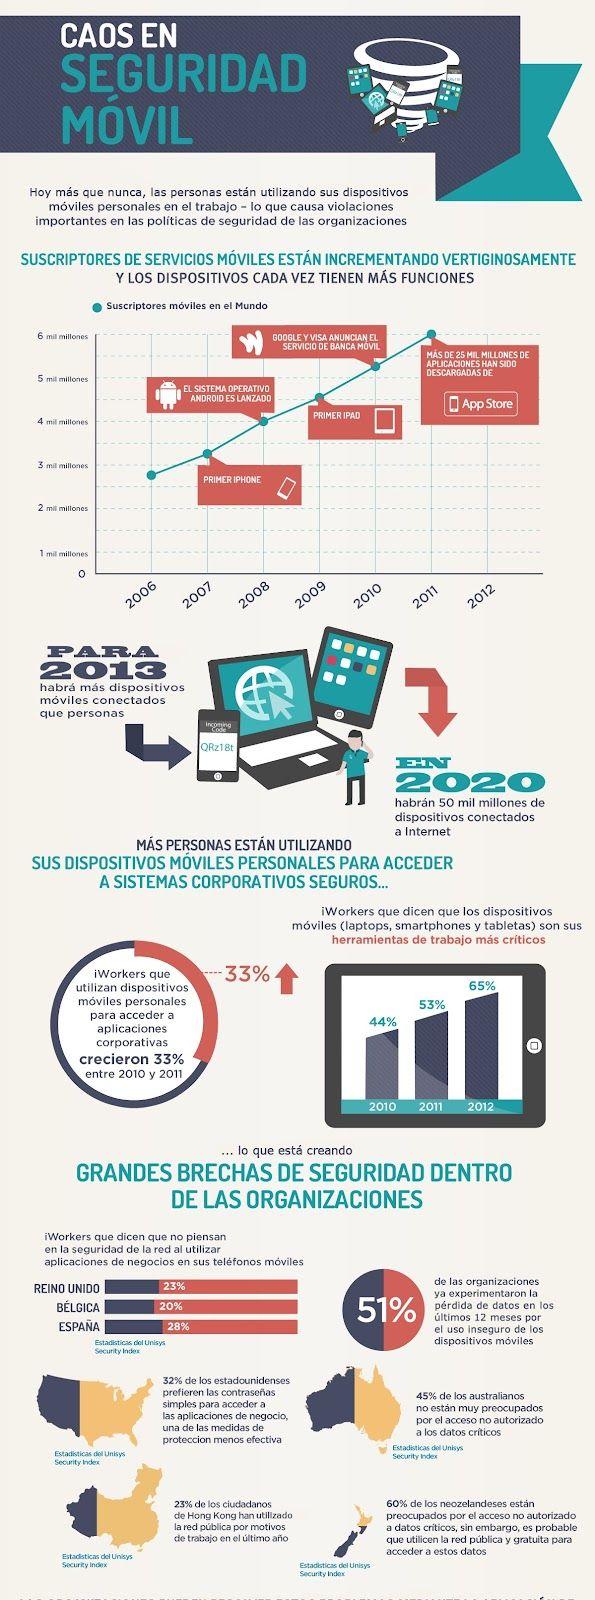 La seguridad en dispositivos móviles, la gran amenaza en empresas 28